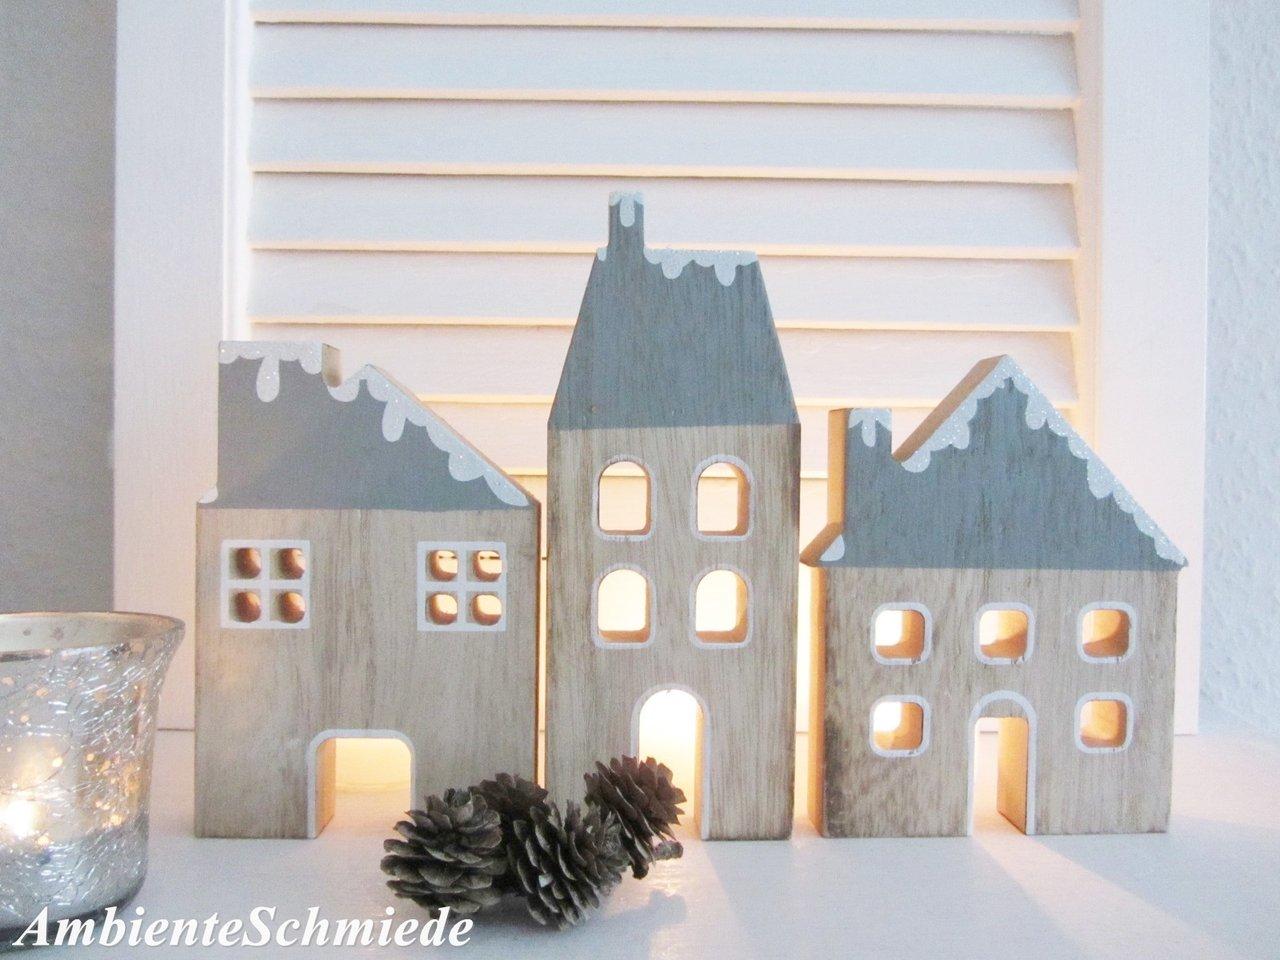 holz haus haus fassade h user kulisse lichterhaus 3 tlg deko weihnachten skandi m ambienteschmiede. Black Bedroom Furniture Sets. Home Design Ideas